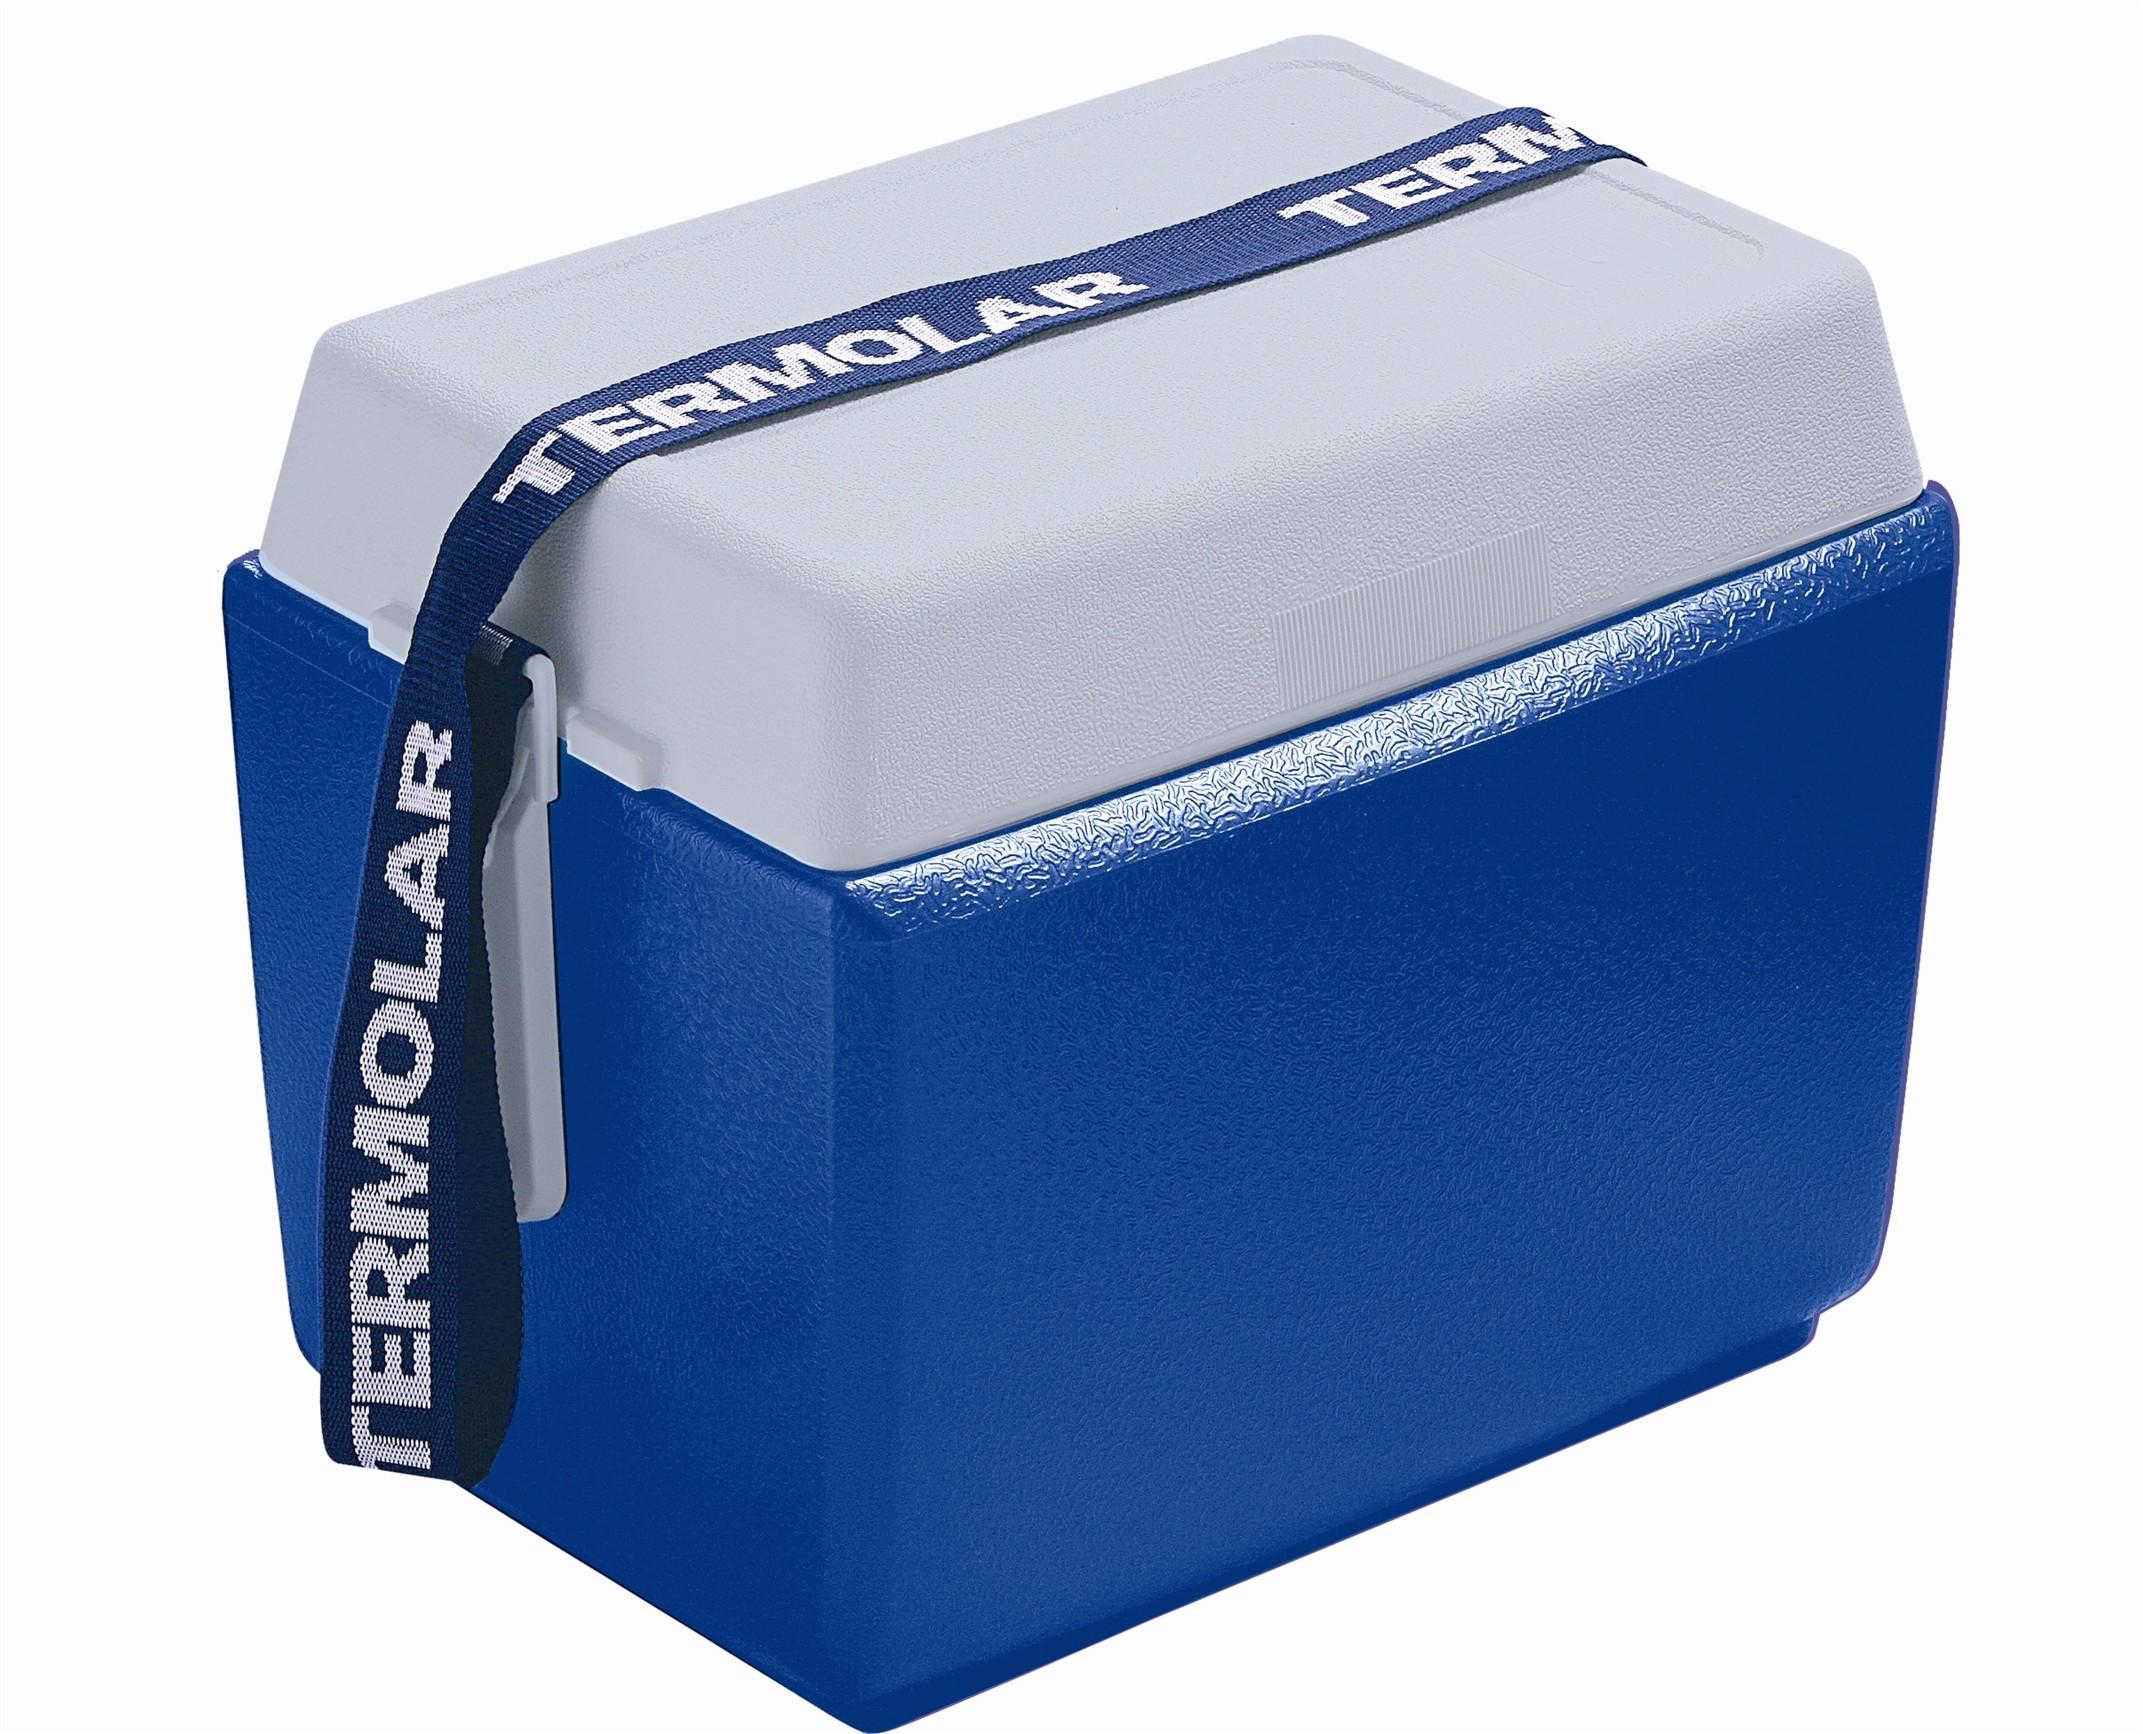 Caixa Térmica Azul 24 litros - TERMOLAR